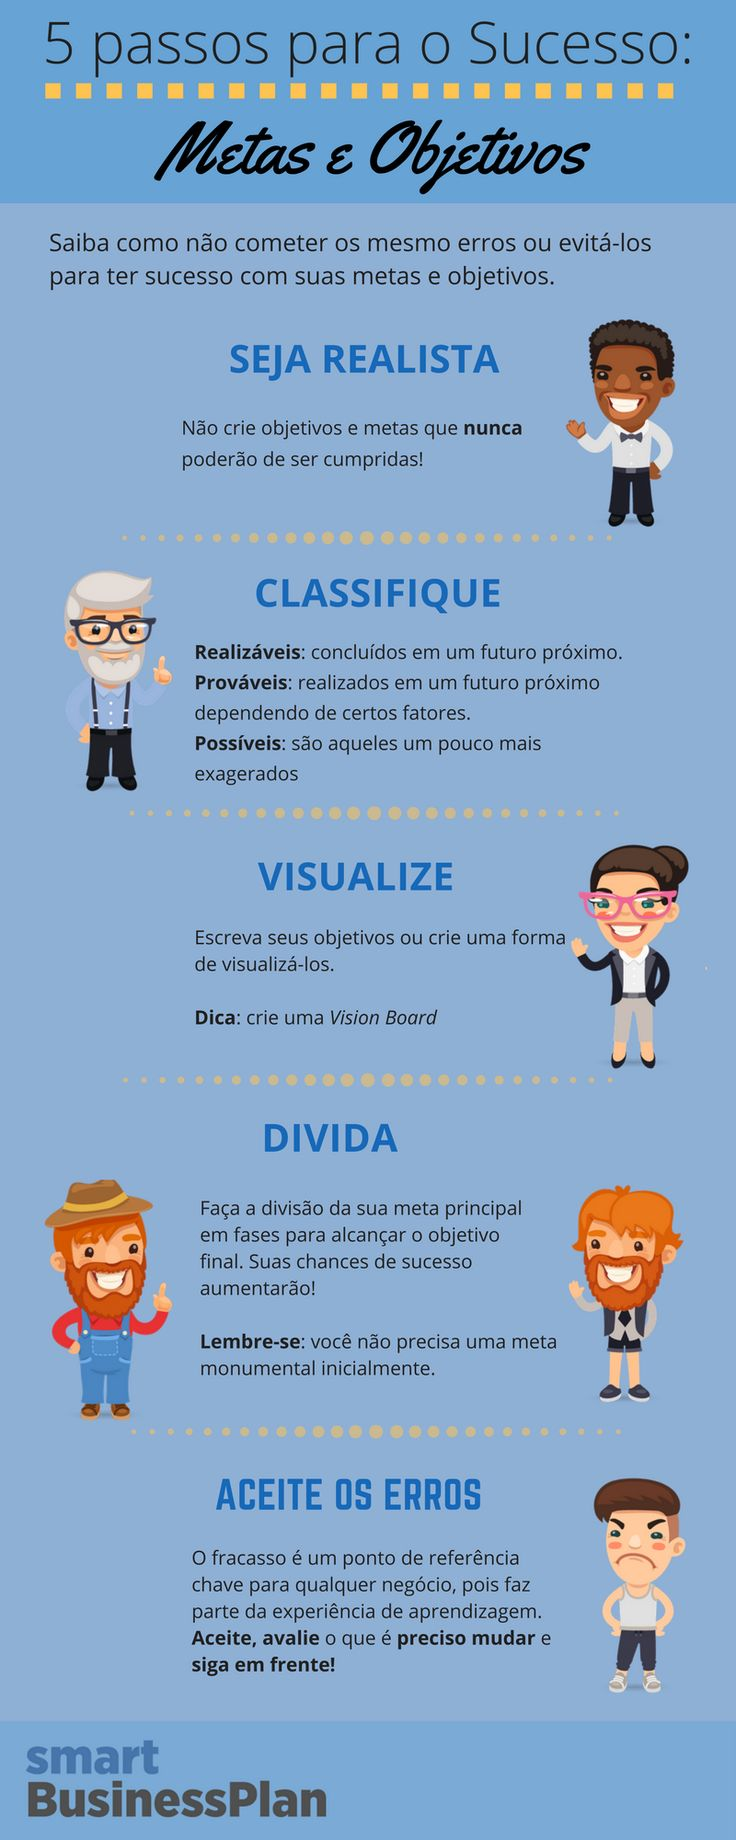 5 passos para o sucesso: metas e objetivos #empreendedorismo #sucesso #objetivos #metas